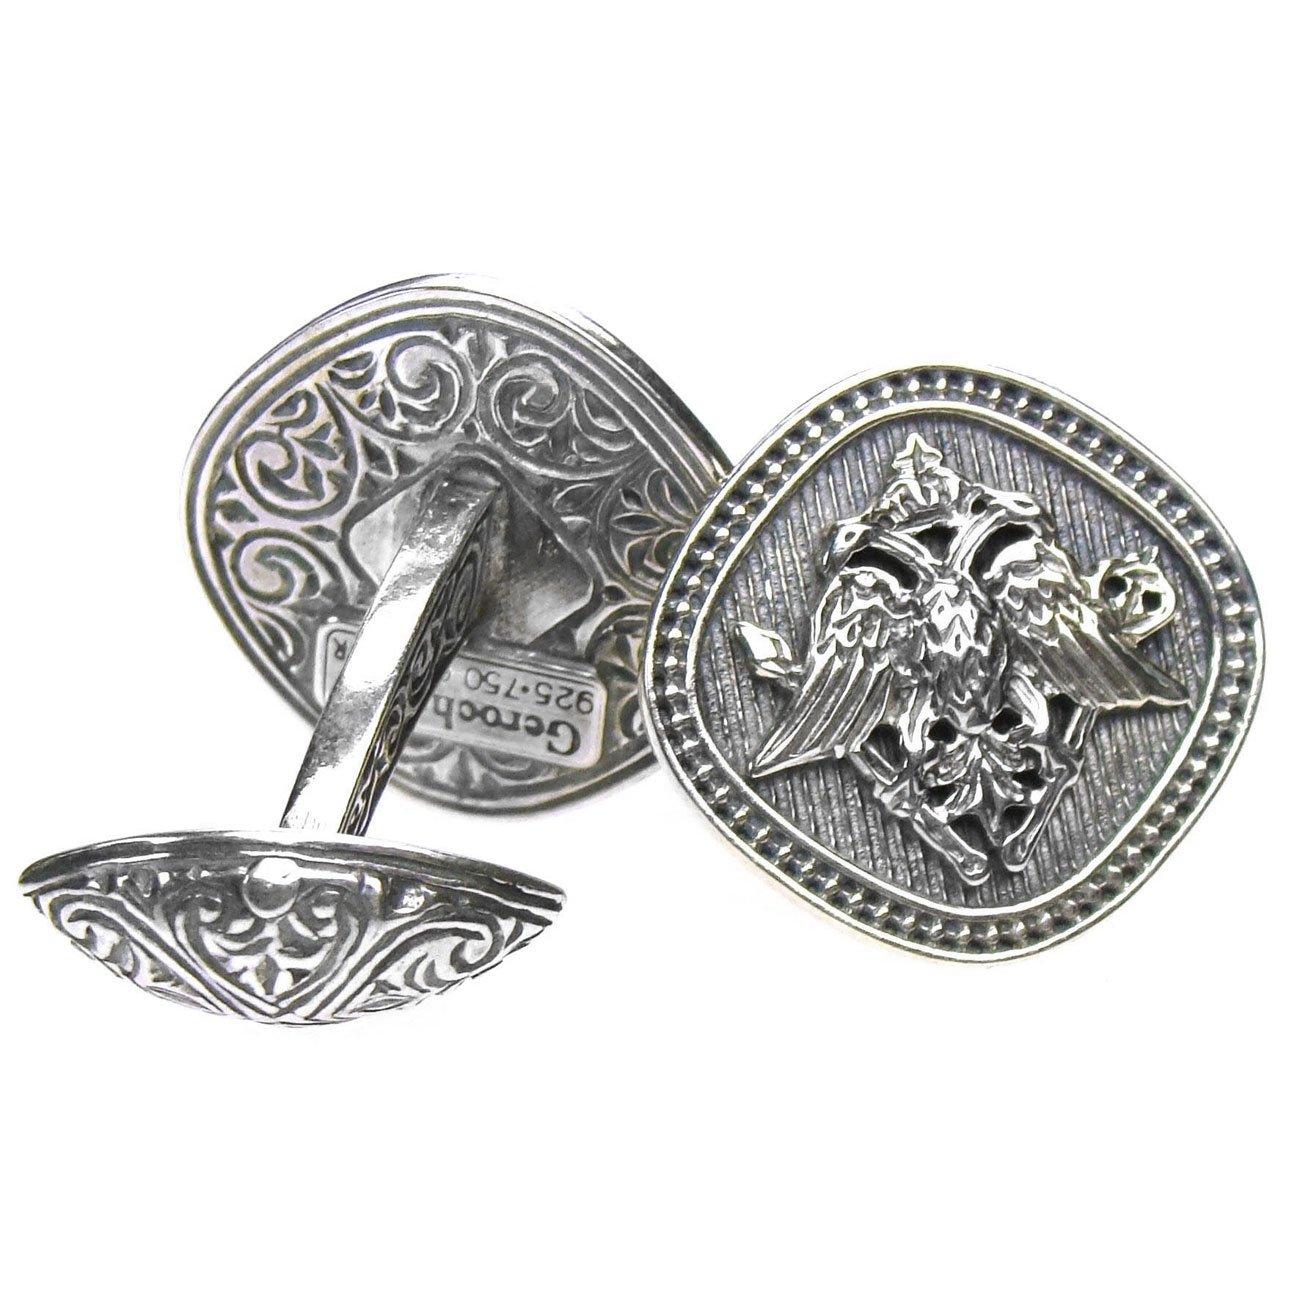 Gerochristo 7105 Double Headed Eagle Byzantine Sterling Silver Cufflinks